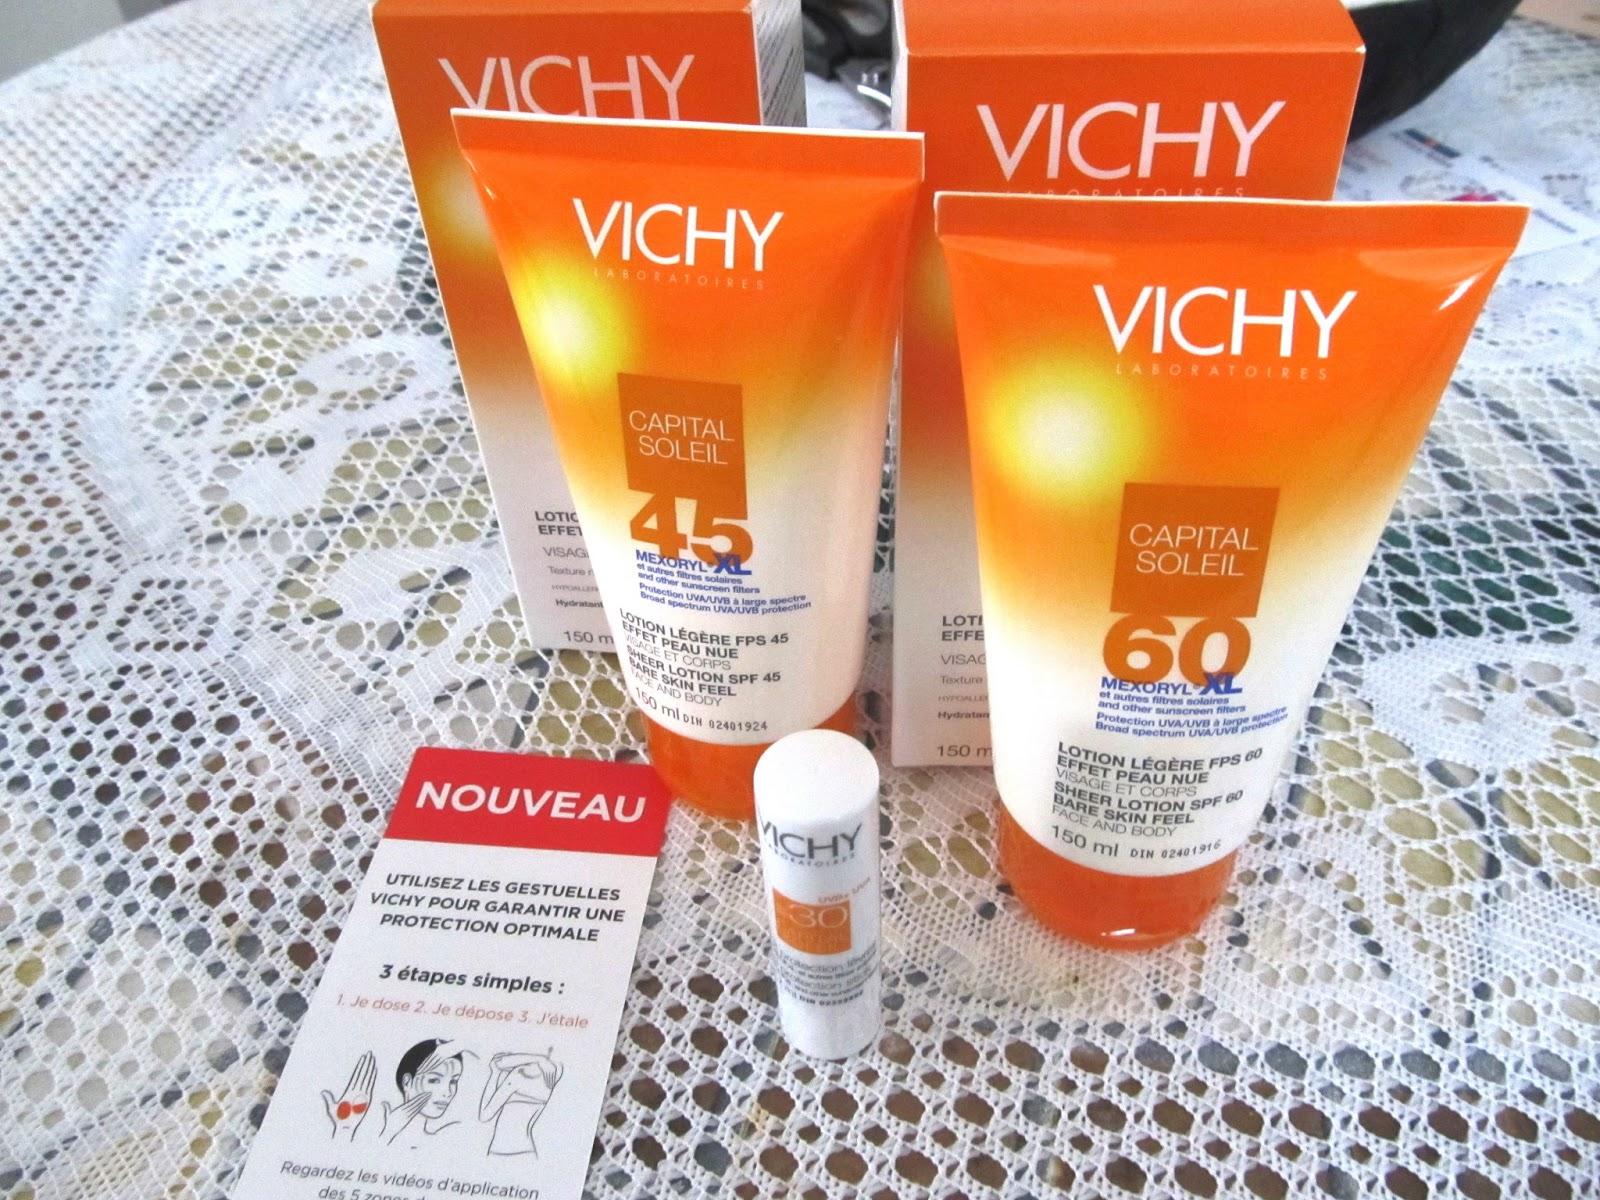 Vichy Capital Soleil! Nouveauté été 2013 qu'on doit avoir!